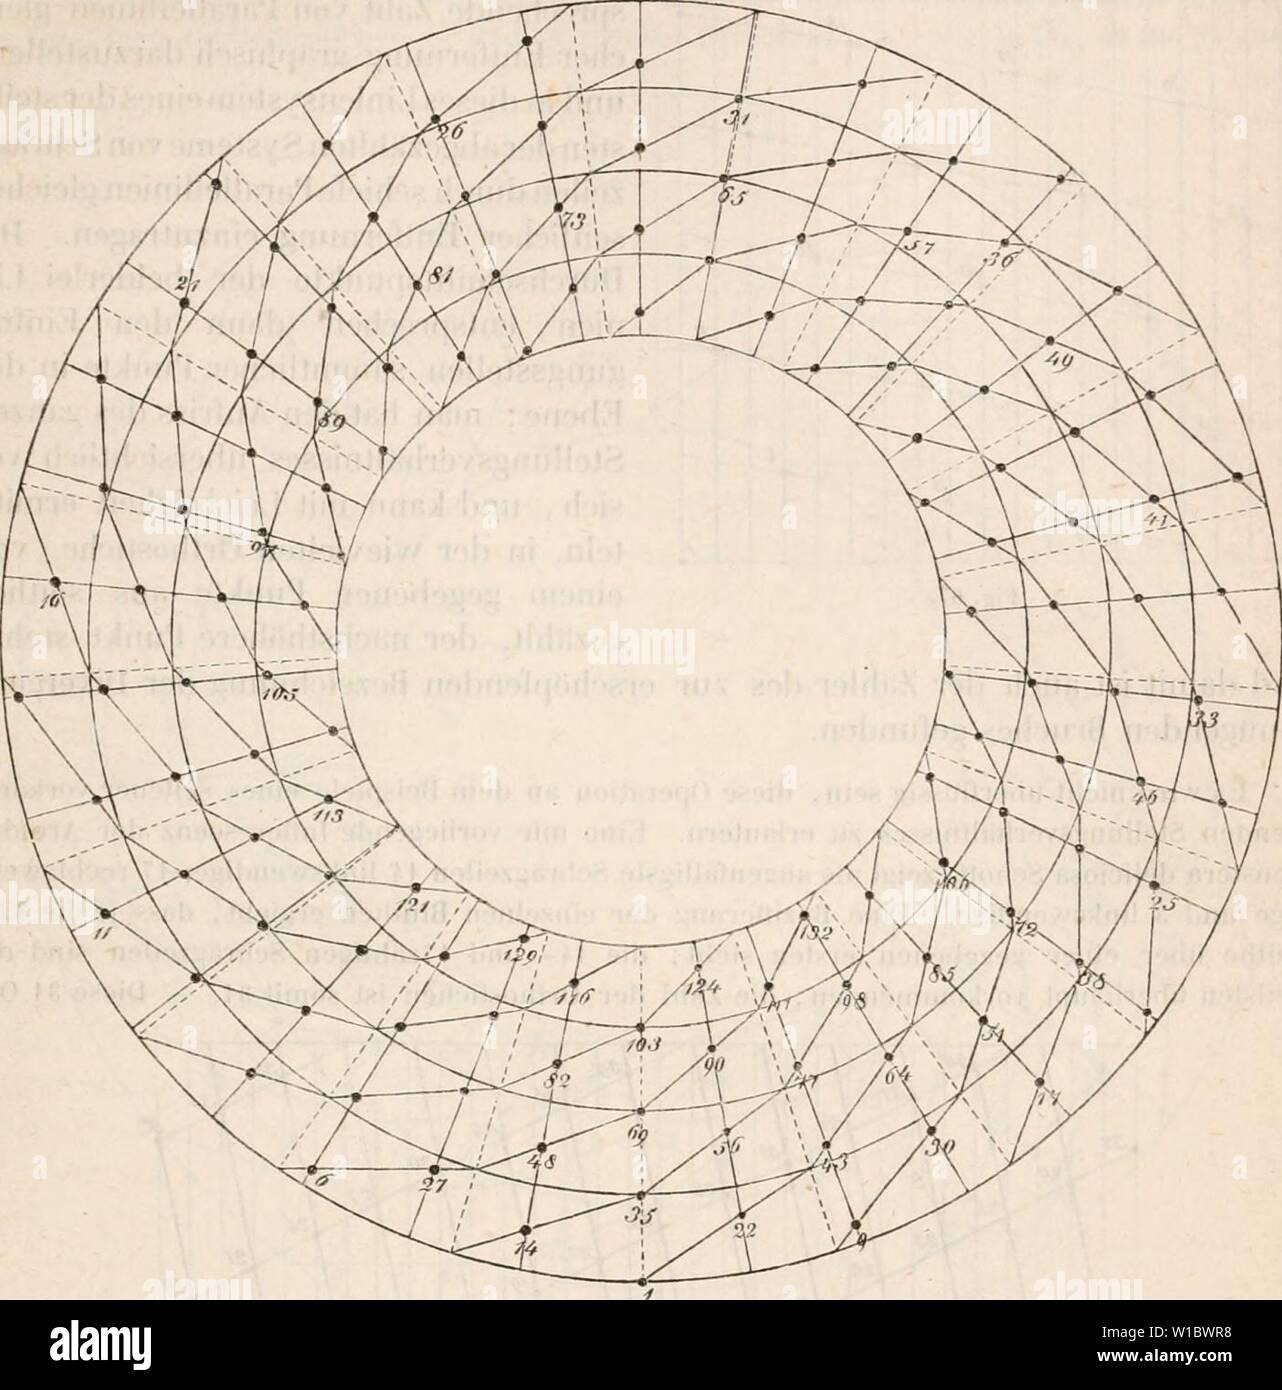 Archive image from page 464 of Die Lehre von der Pflanzenzelle. Die Lehre von der Pflanzenzelle . dielehrevonderpf00hofm Year: 1867  § 9. Stellungsverhältnissp lateraler Sprossnngen der nämlichen Arhse etr 443 ;ung loder aus sich Netz aus zwei Systemen sich kreuzender Parallellinien verschiedene kreuzenden Spiralen von zweierlei Enge der Windung , deren Neigungswinkel denen des Oh jects möglichst ähnlich ist, und in welche man die ZitTern der Glieder provisorisch einträgt.    Nach geschehener Bezifferung einer massigen Zahl von (iUedern, die eine der Längsachse des Systems parallel verlängerte - Stock Image